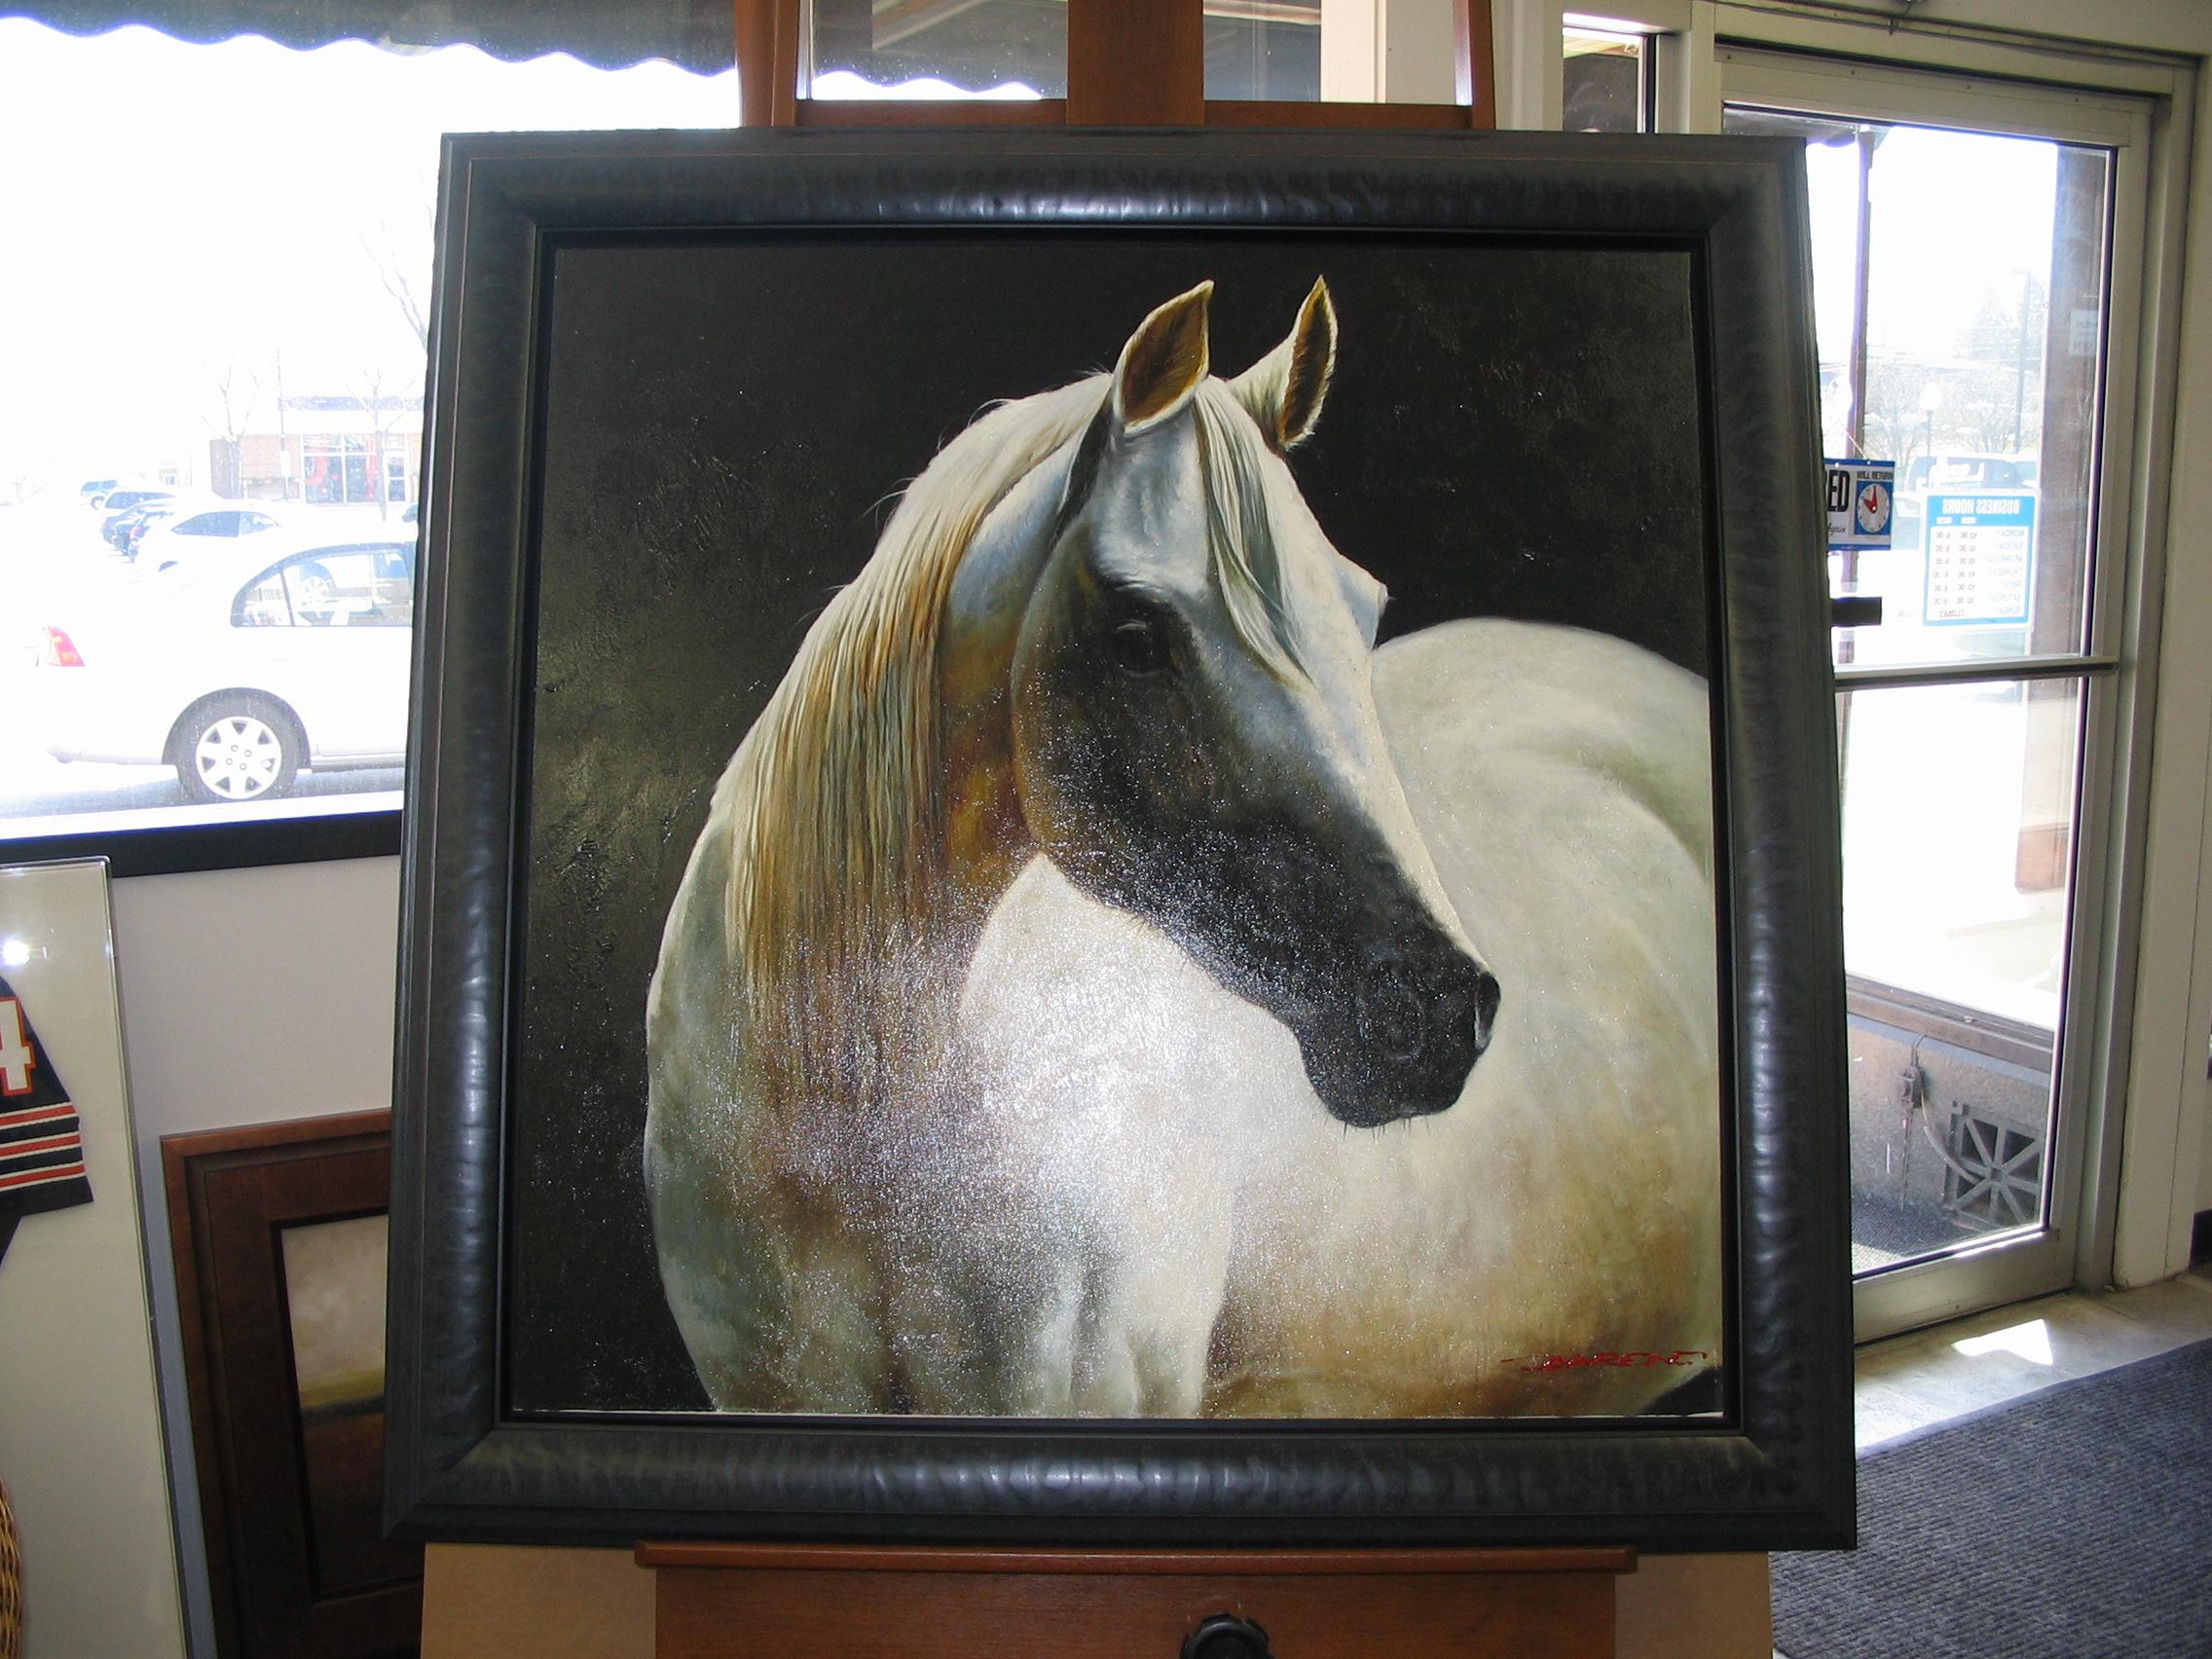 Horse framed by The Framemakers